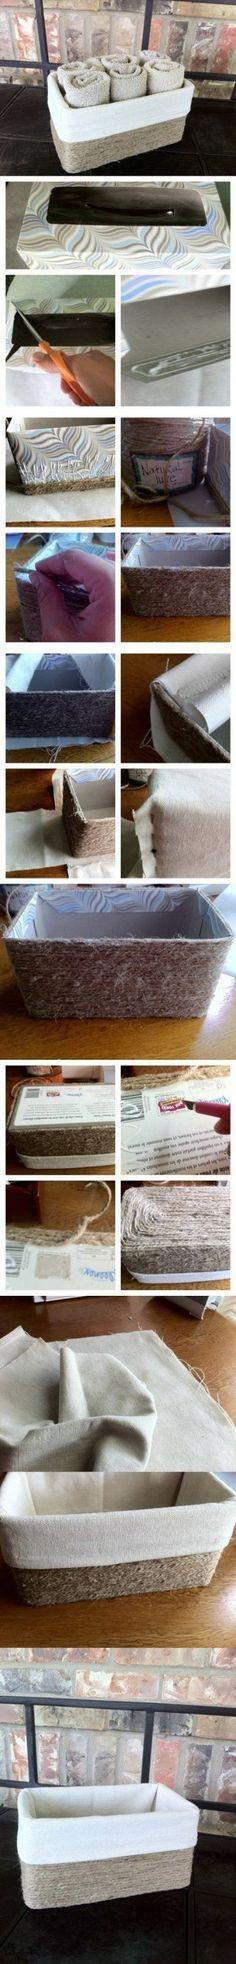 Podemos aprovechar una caja de cartón para hacer una bonita cesta en la que podemos guardar toallas, por ejemplo. Solo necesitamos una caja de cartón de la medida y forma que queramos, cuerda y cola blanca. Puede ser una caja de zapatos o una caja redonda. Para darle un aspecto mas rustico, usaremos cuerda de …